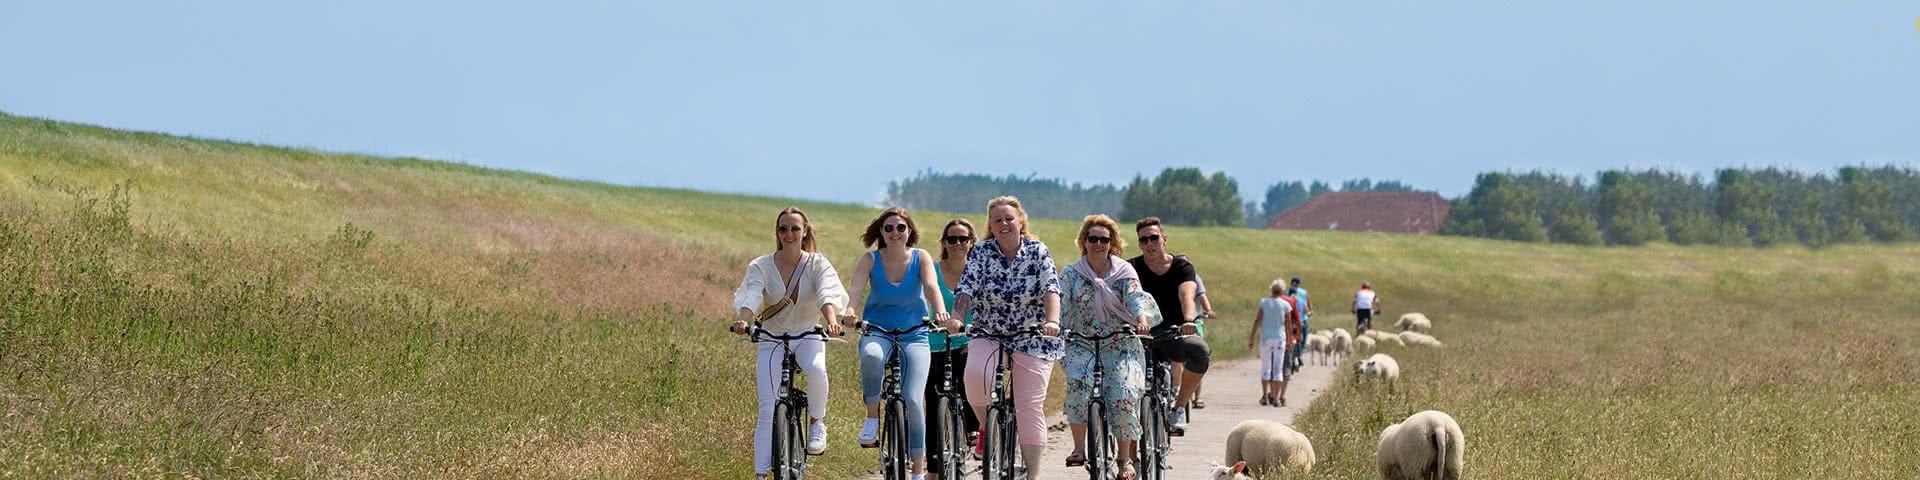 Eine Gruppe macht eine Fahrradtour an einem Deich an dem Schafe her laufen